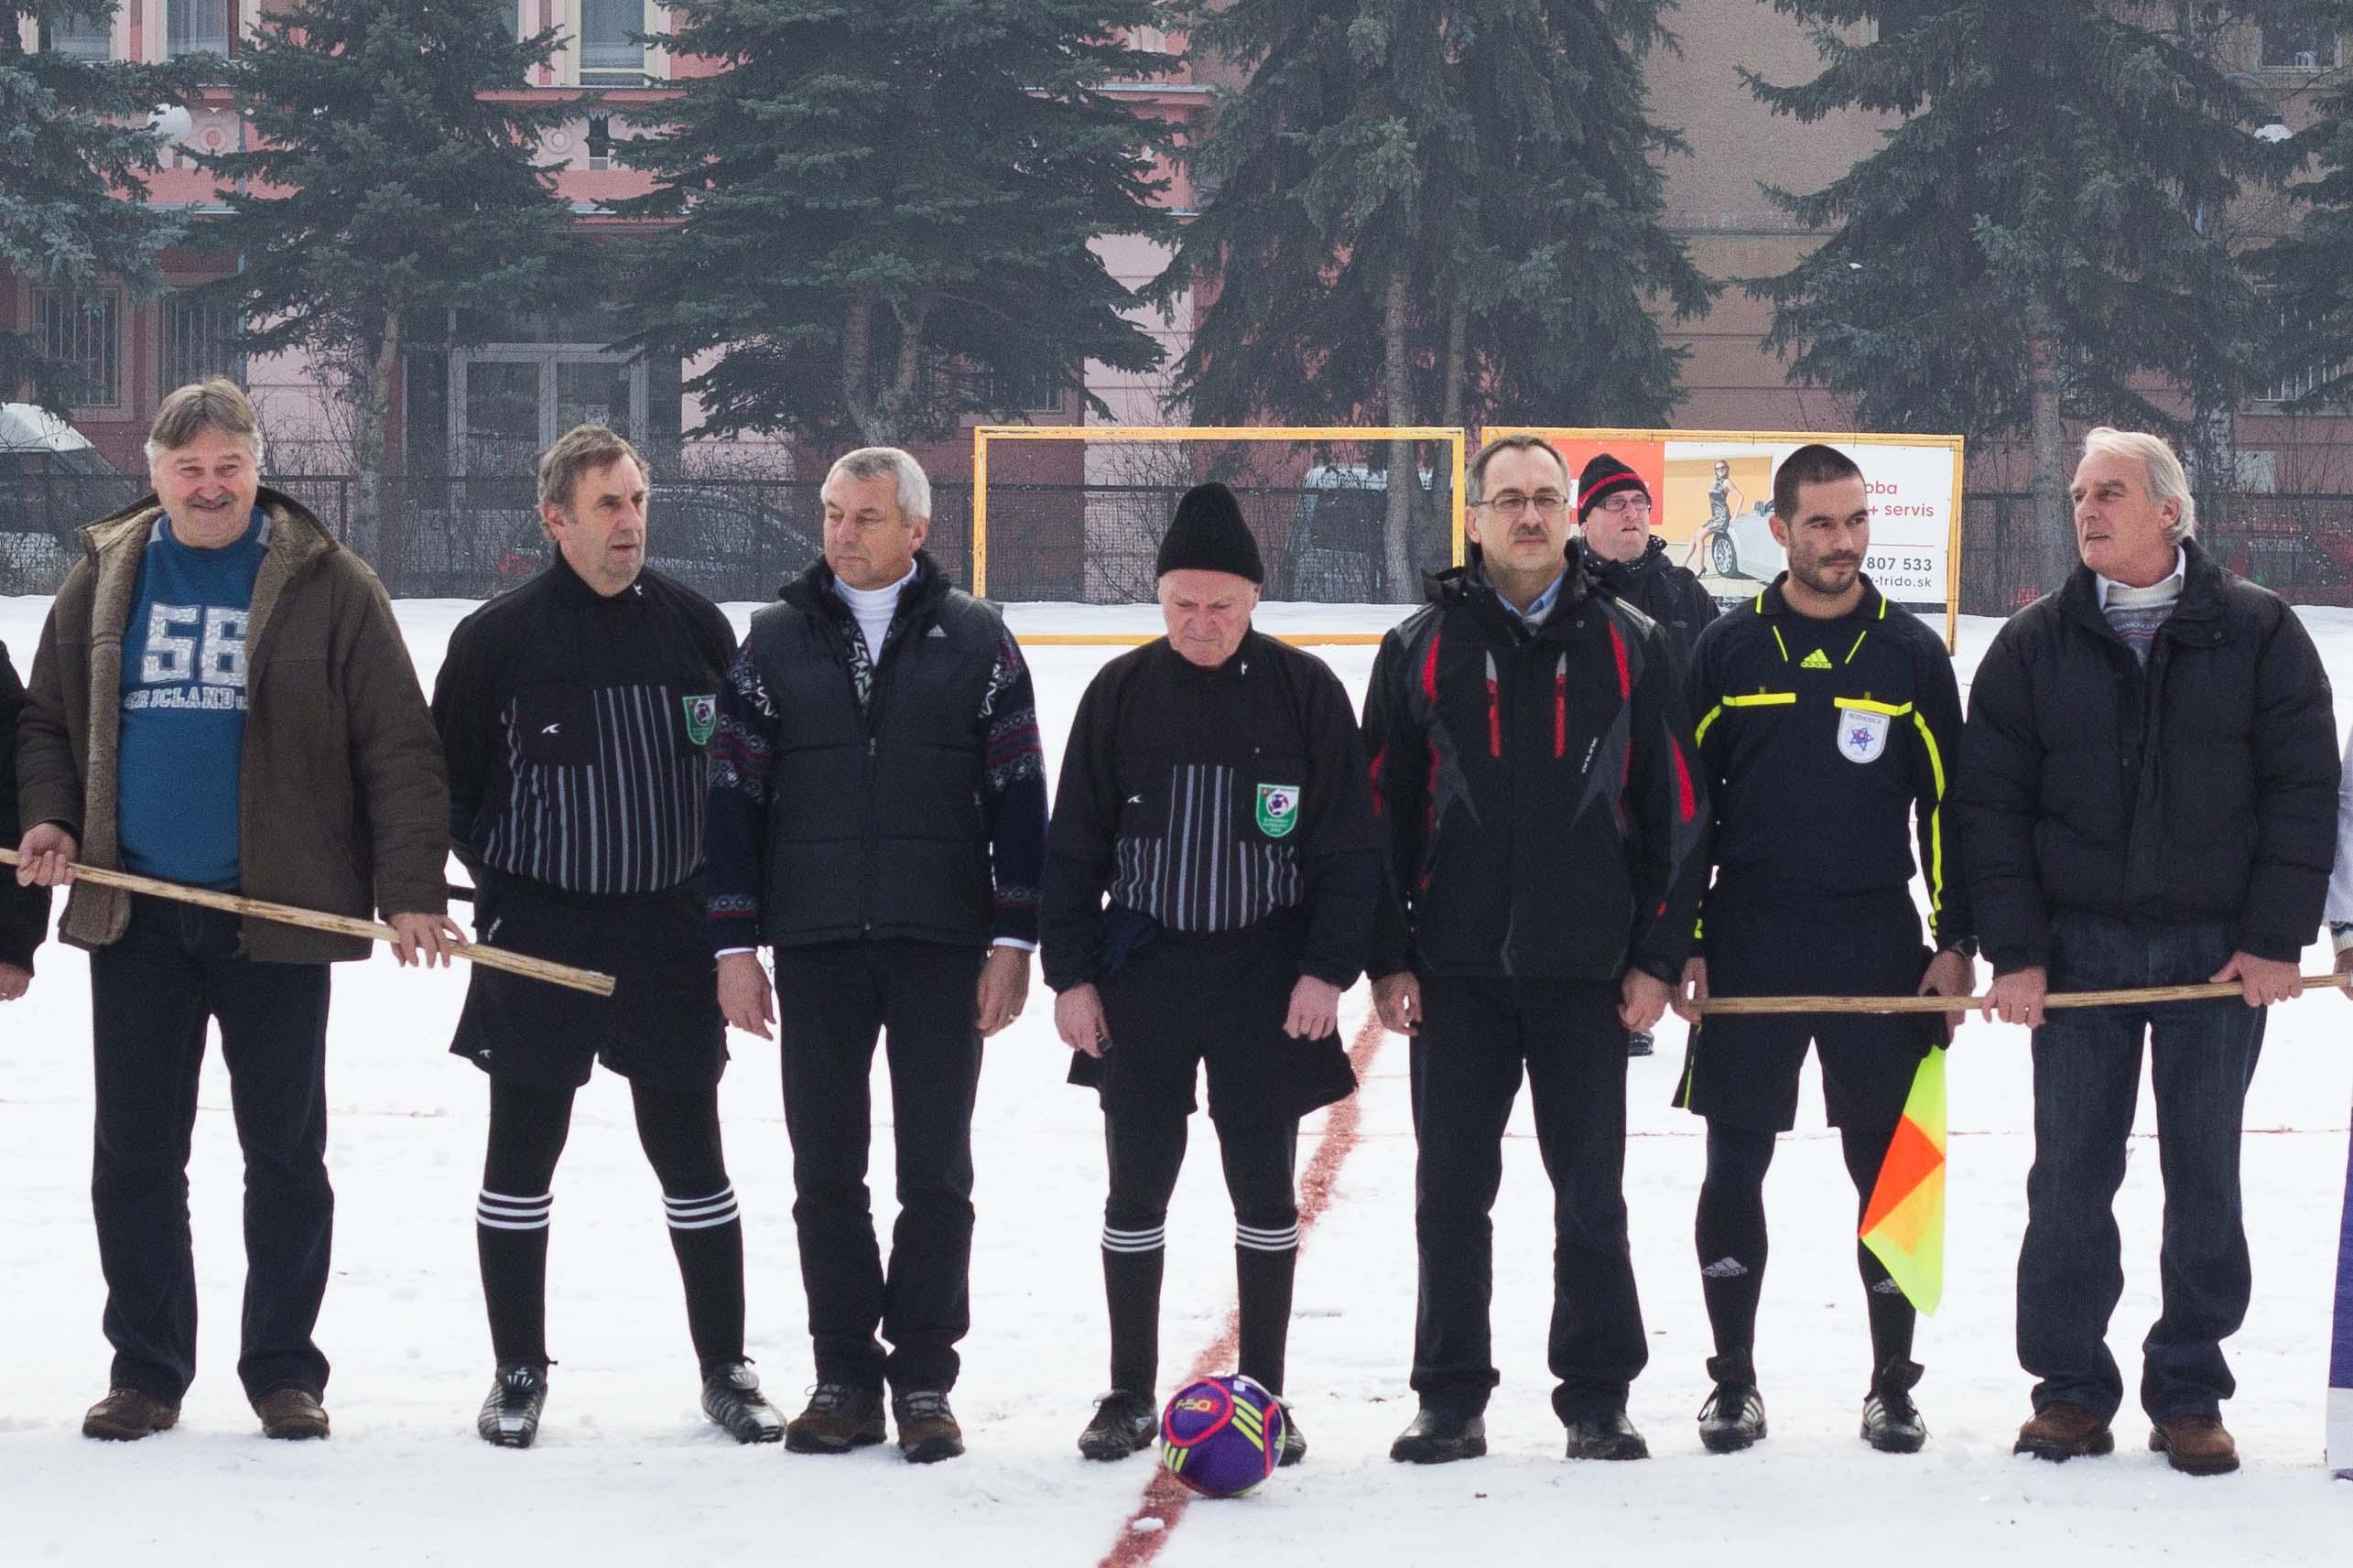 Rozhodcovia: Tomáš Slatinec, František Fazekaš a Branislav Hrdlička a samozrejme primátor mesta Zvolen Miroslav Kusein a Europoslanec VladimírMaňka.